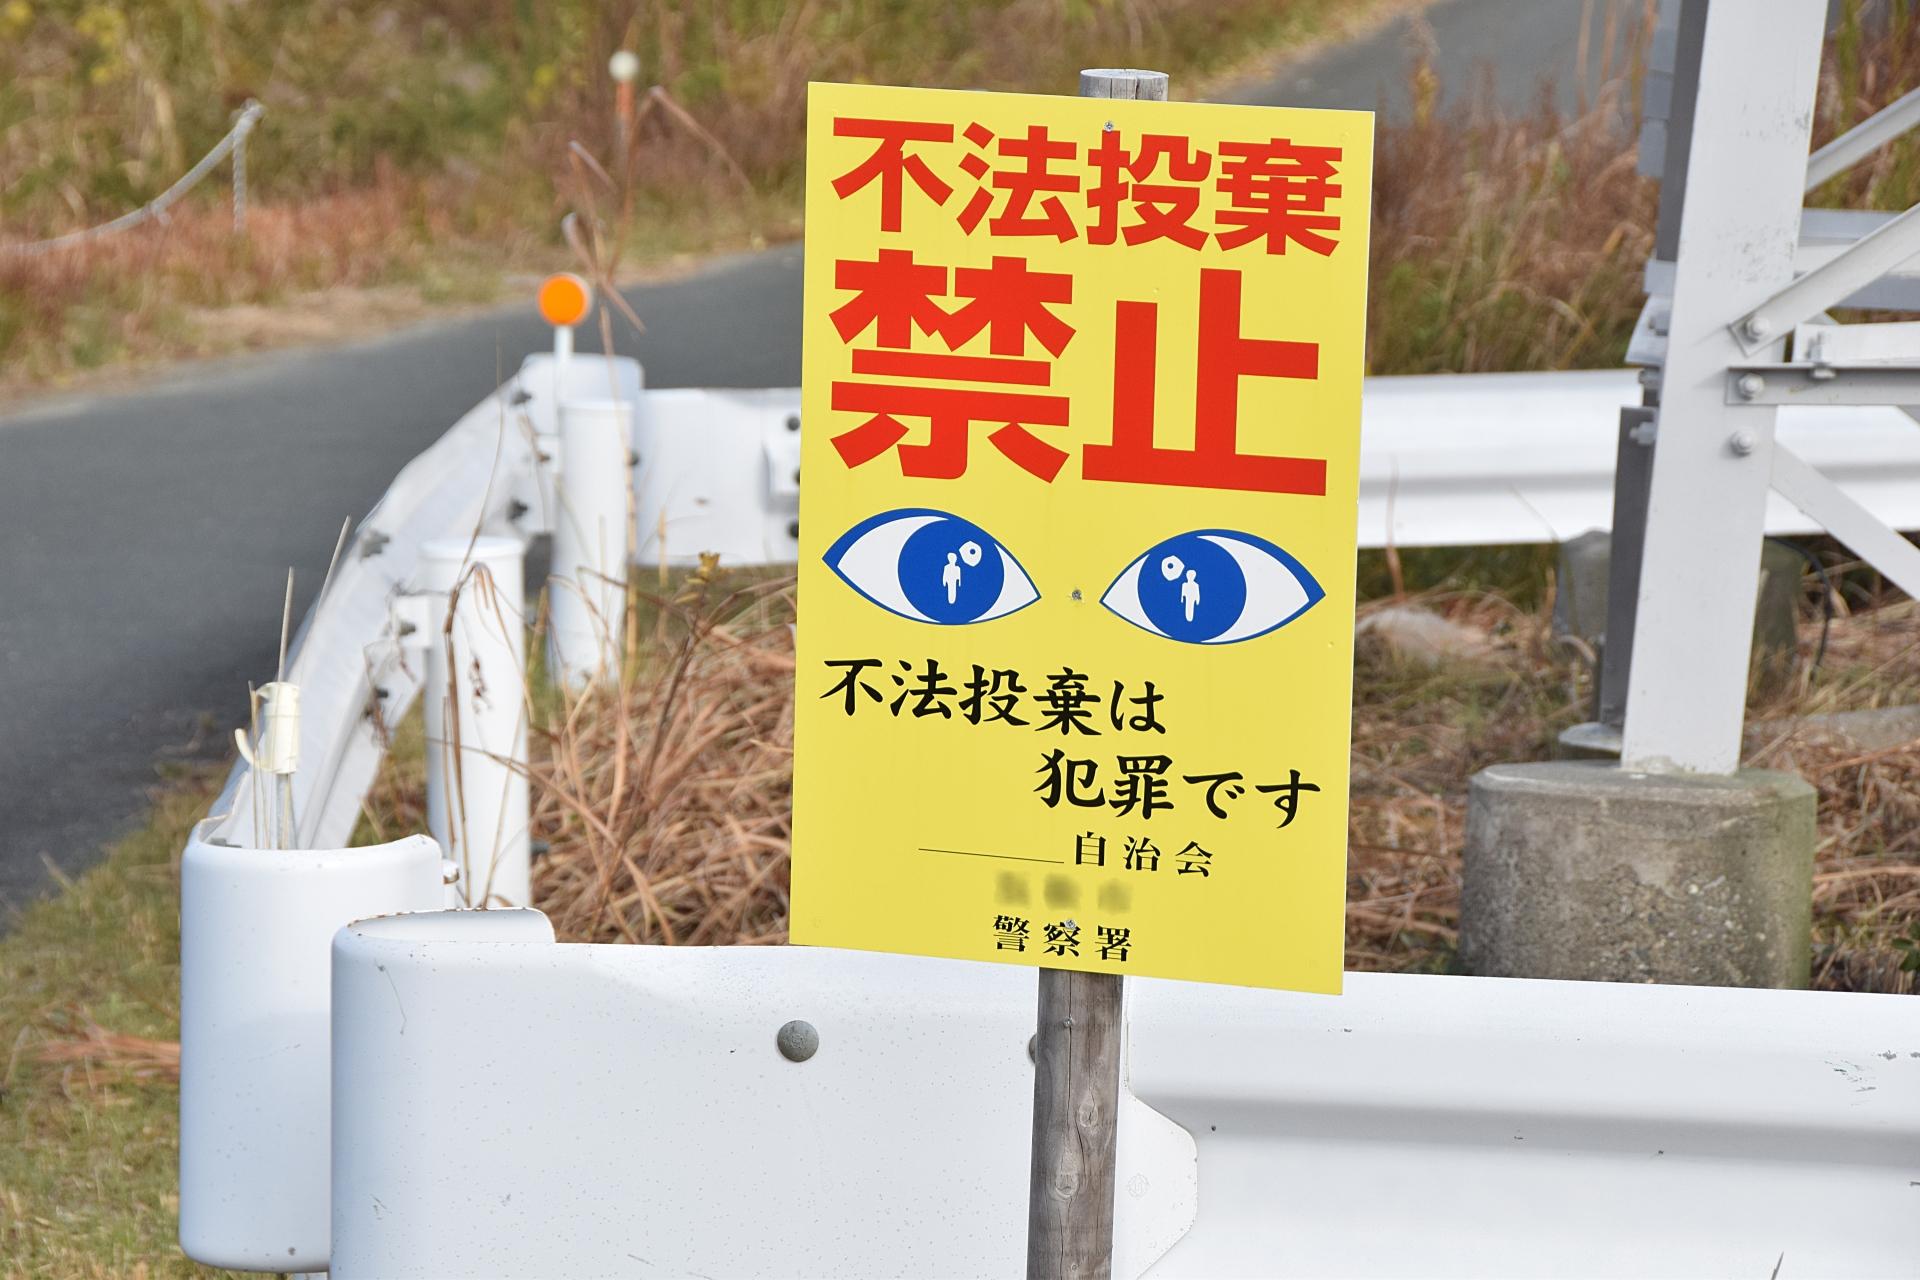 廃品回収サービスのトラブルにご注意ください!